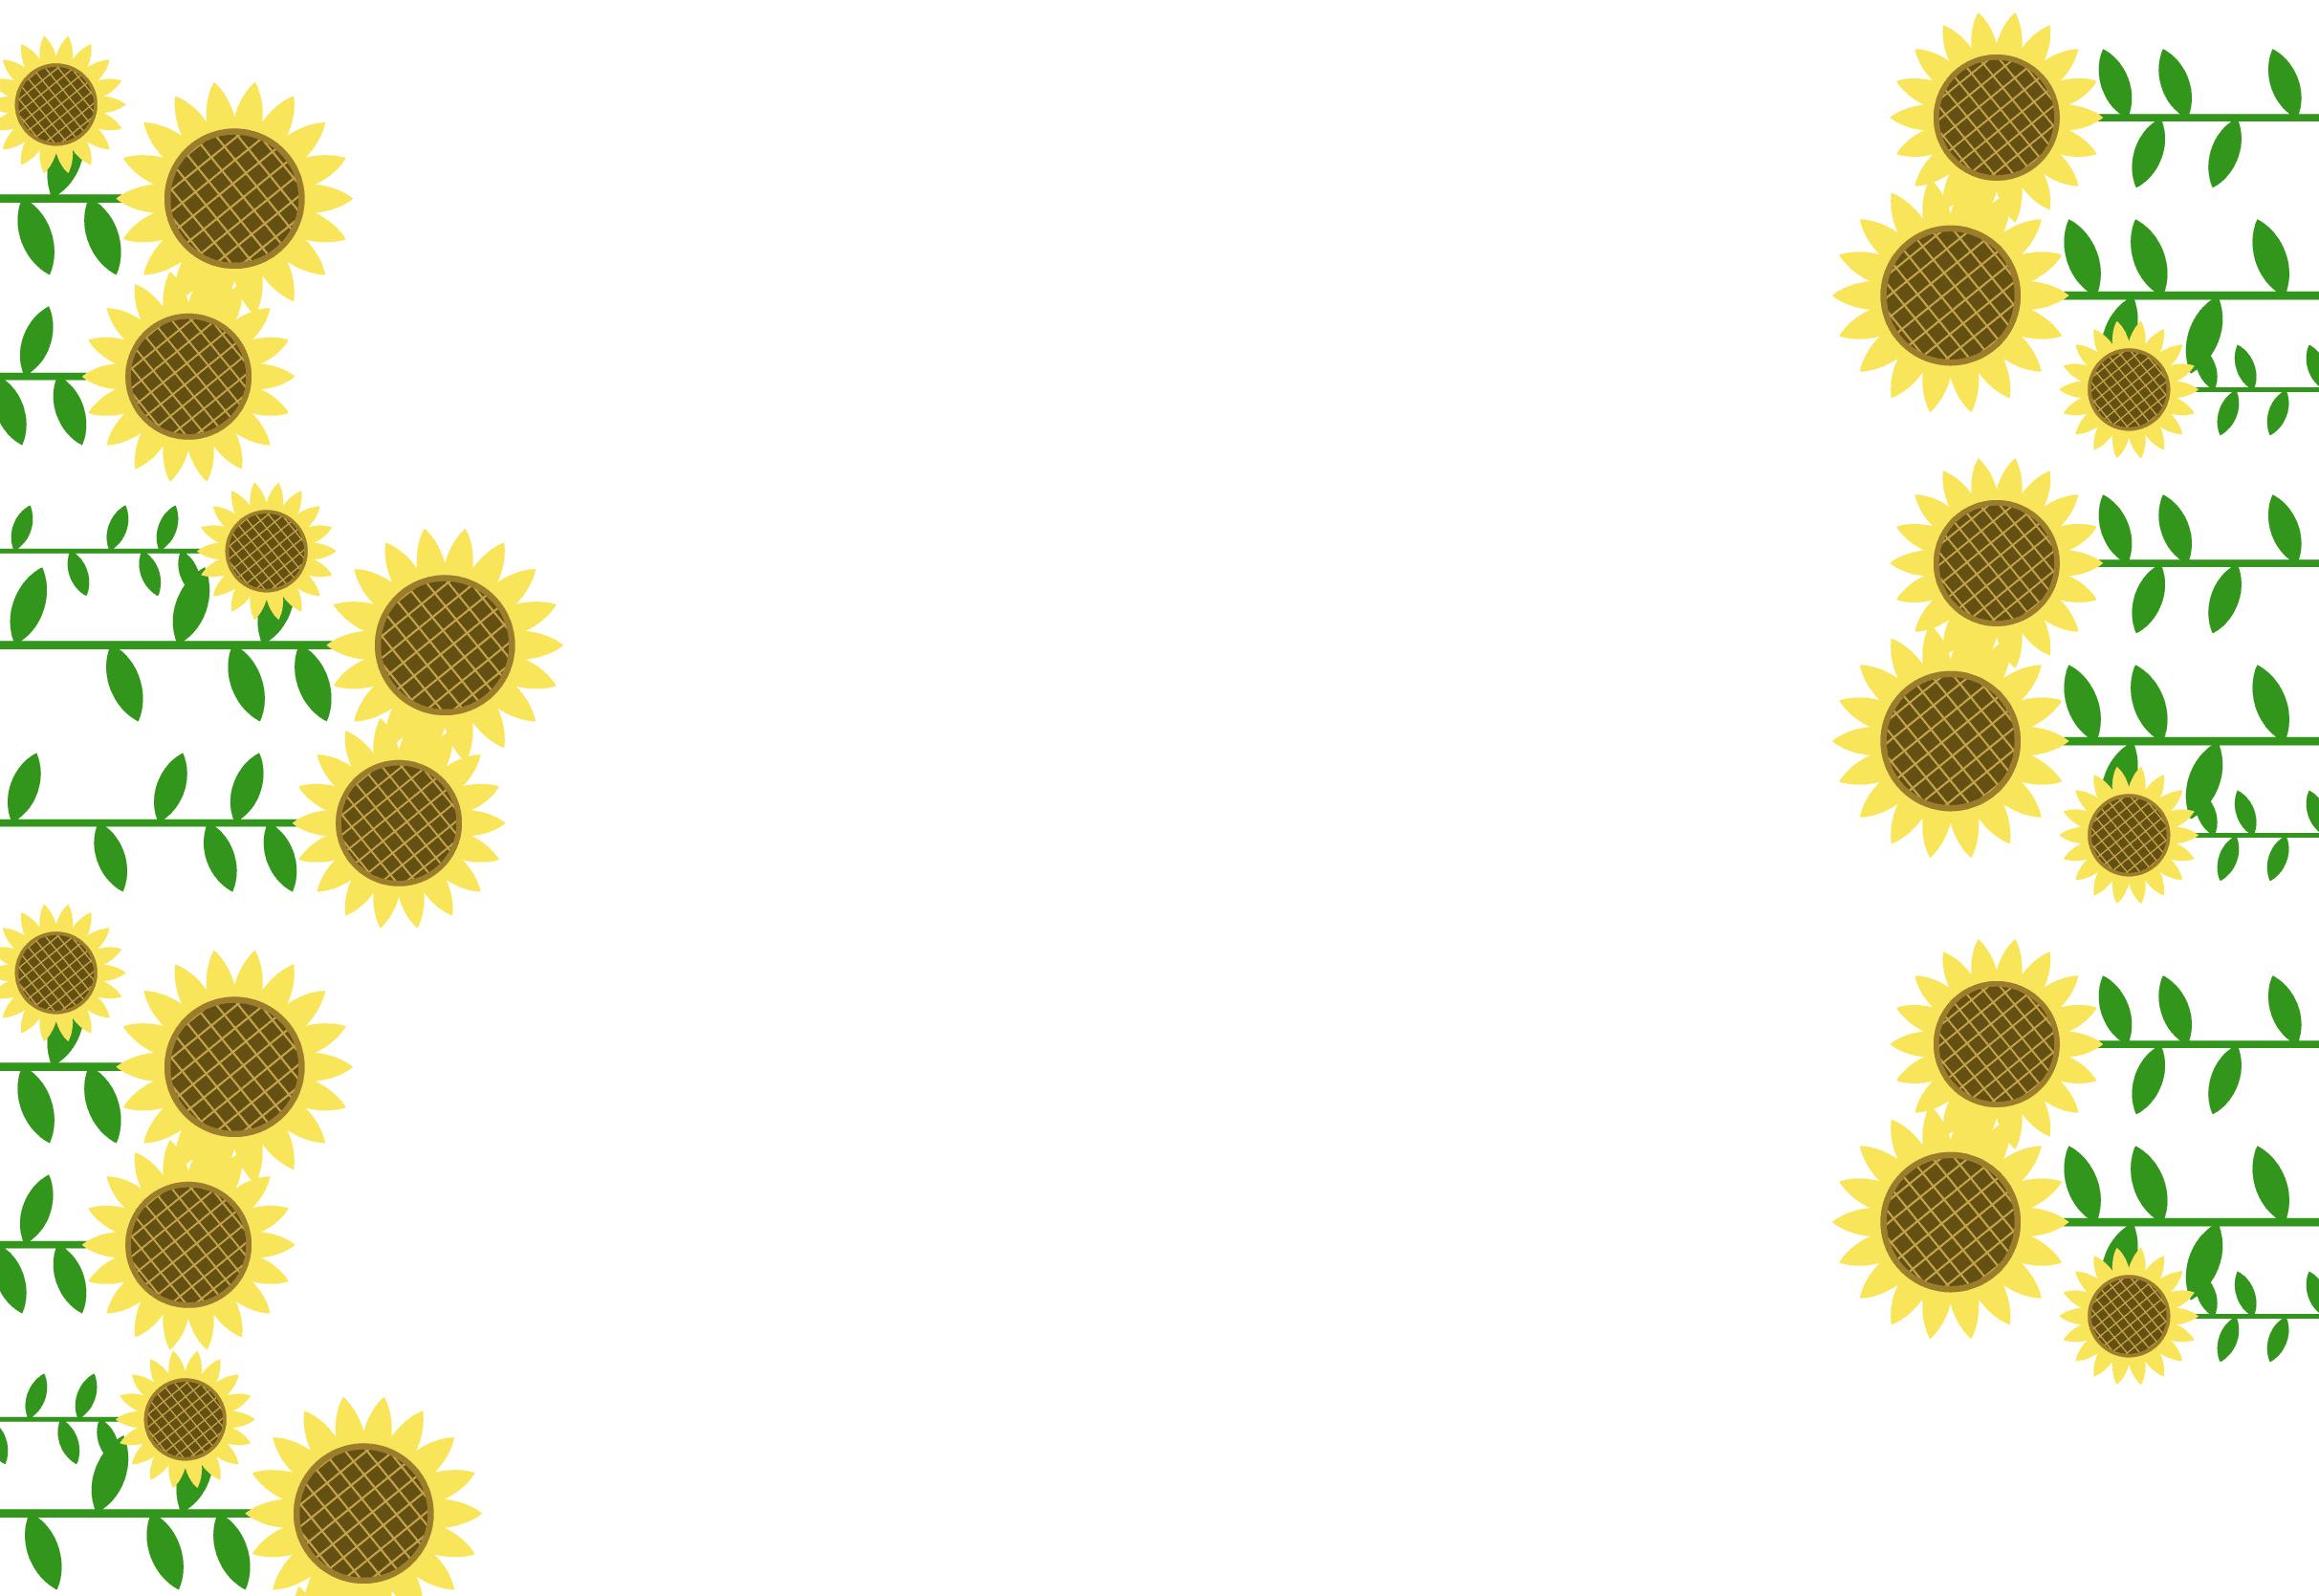 ひまわりイラスト - フリーで使える可愛い向日葵素材 - チコデザ